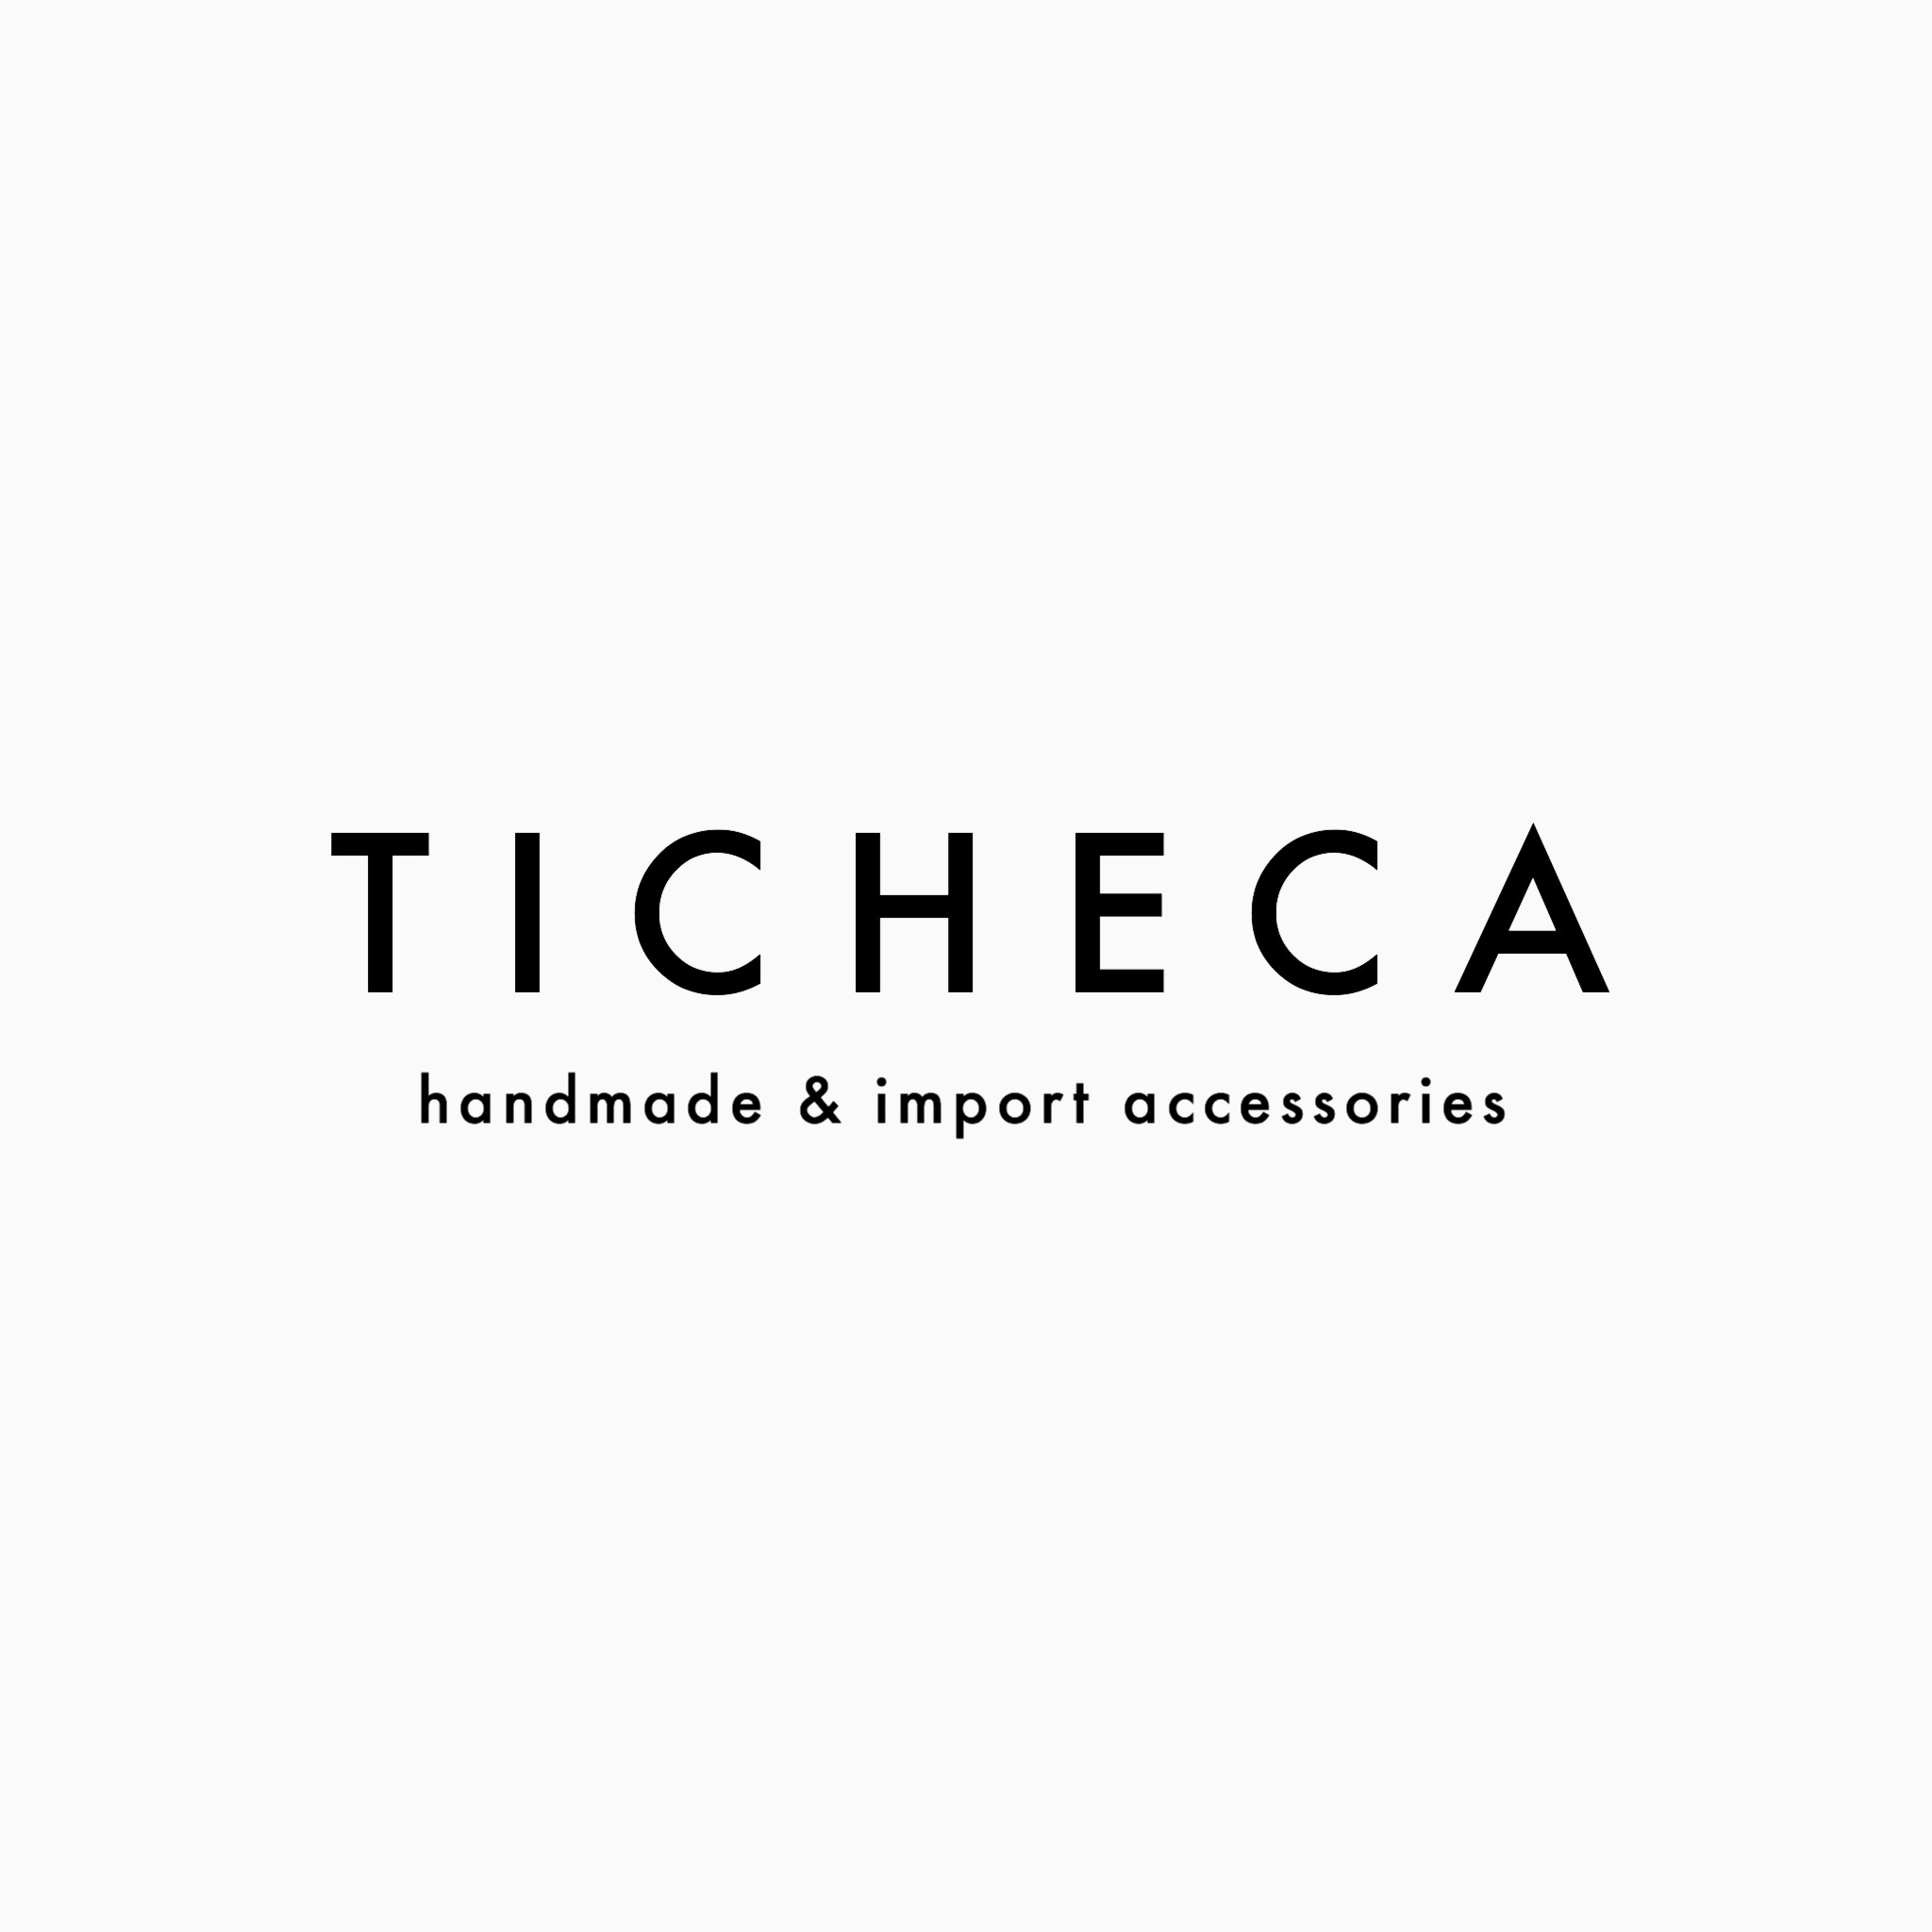 Ticheca